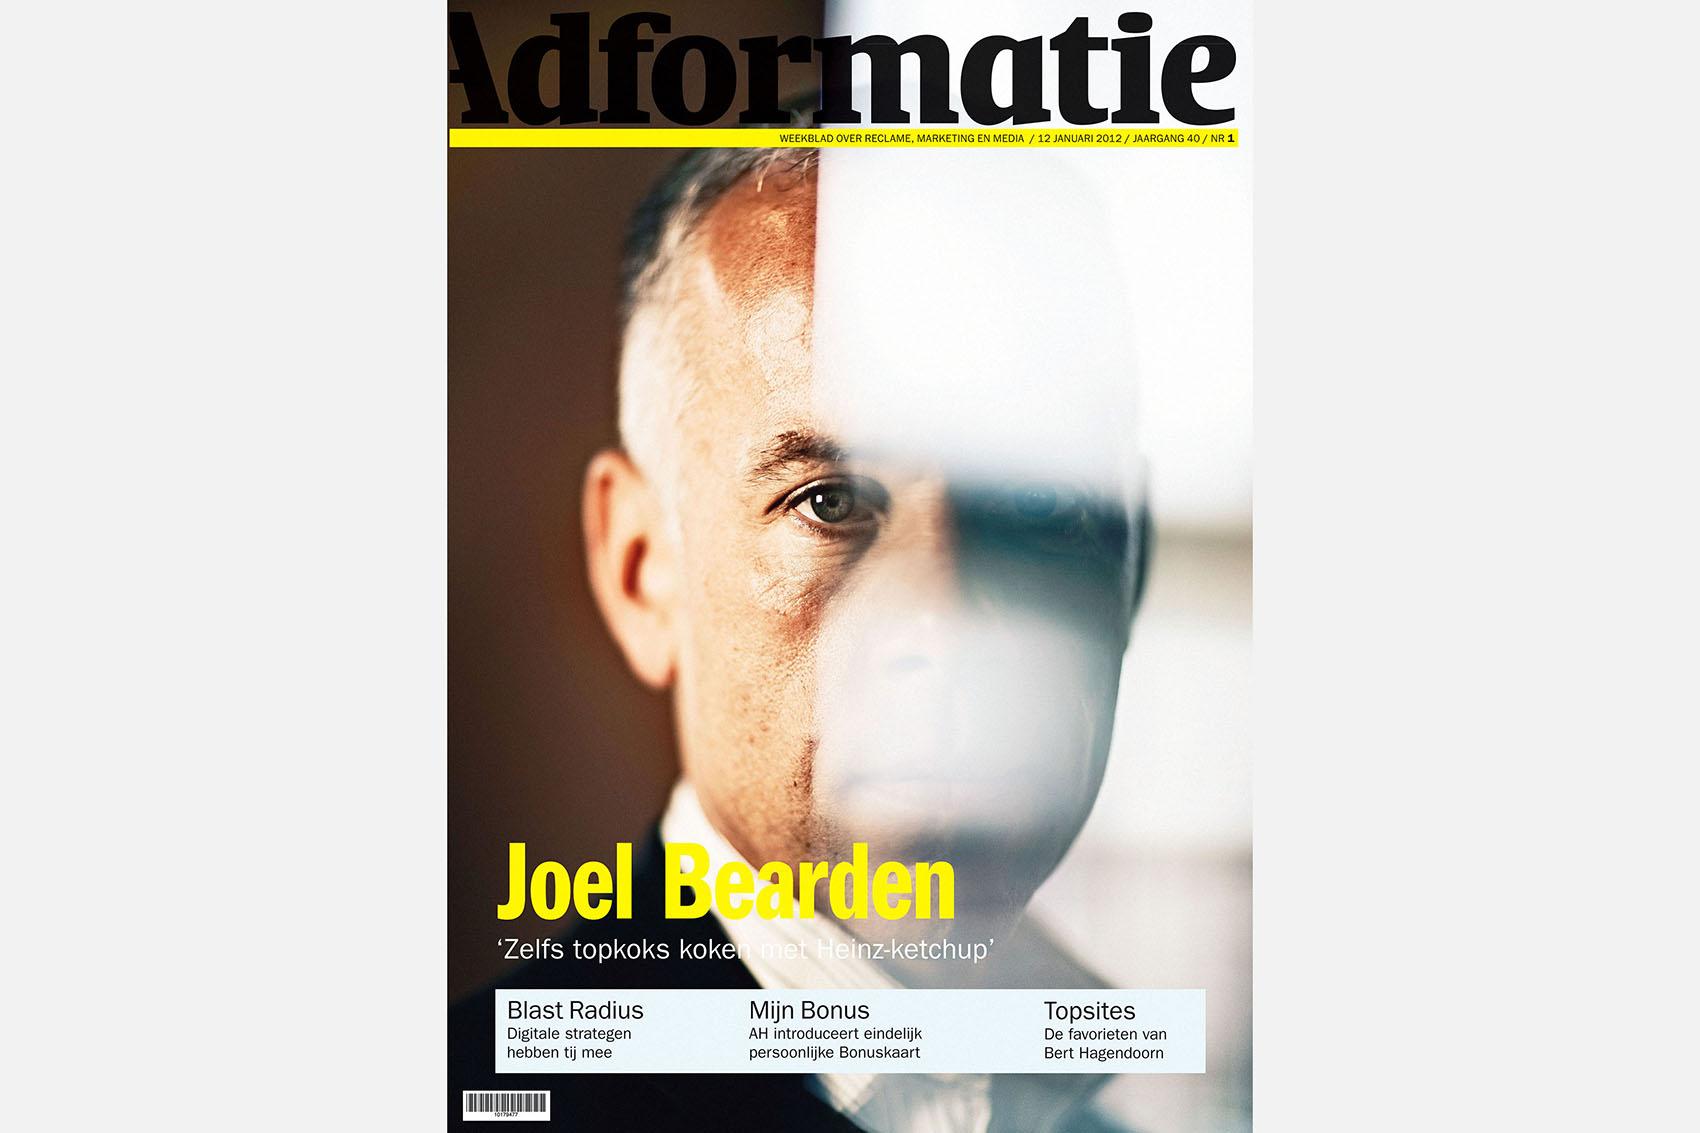 Adformatie - Joel Bearden